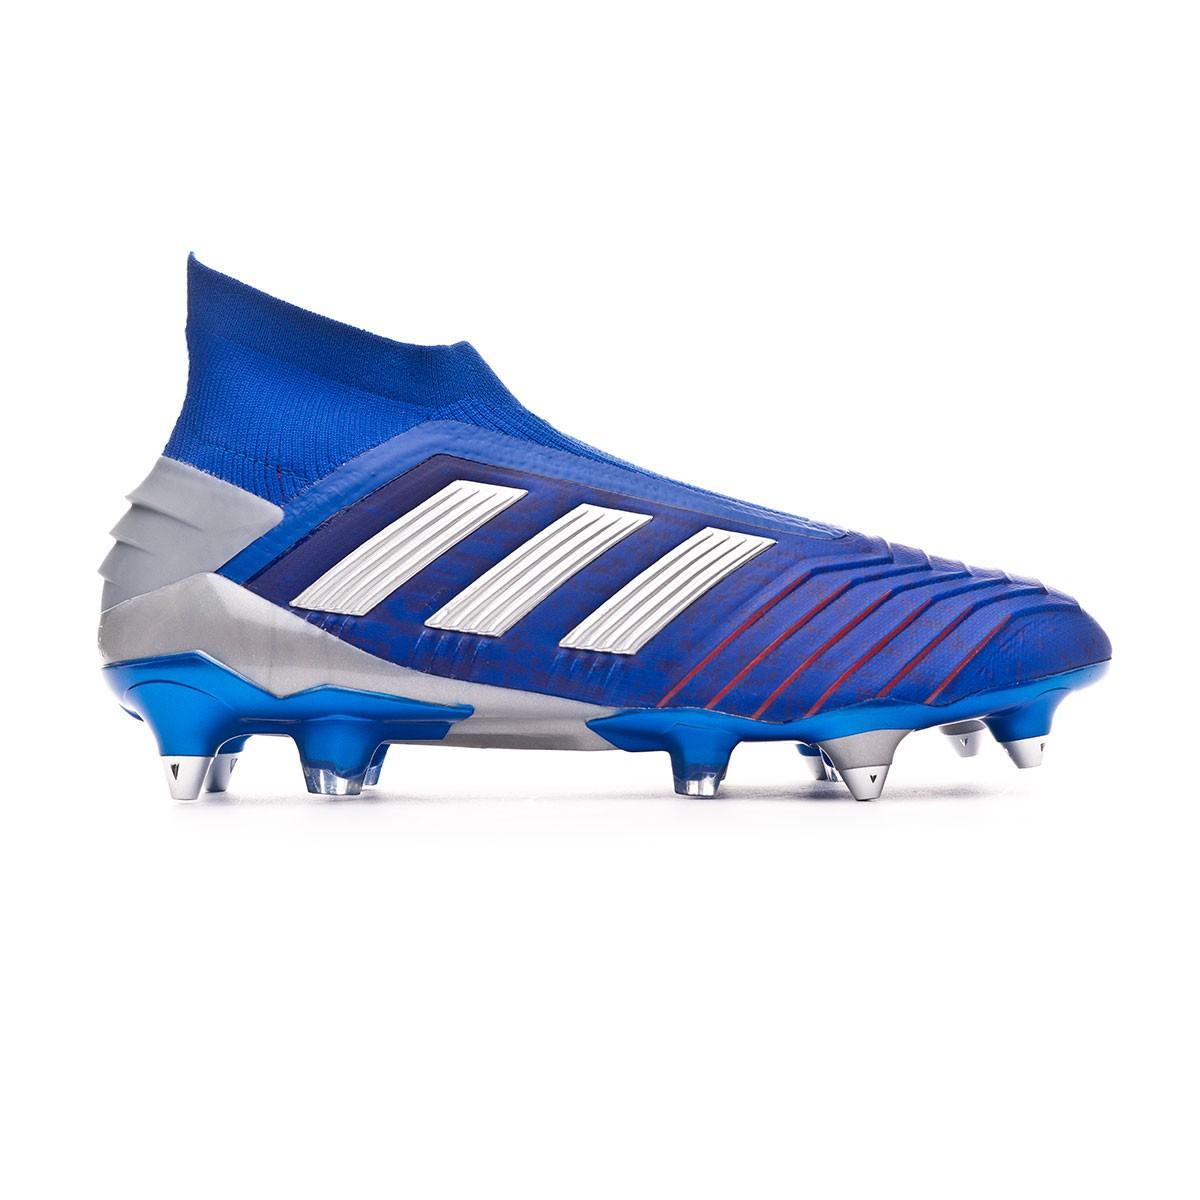 scarpe da calcio adidas predator senza lacci